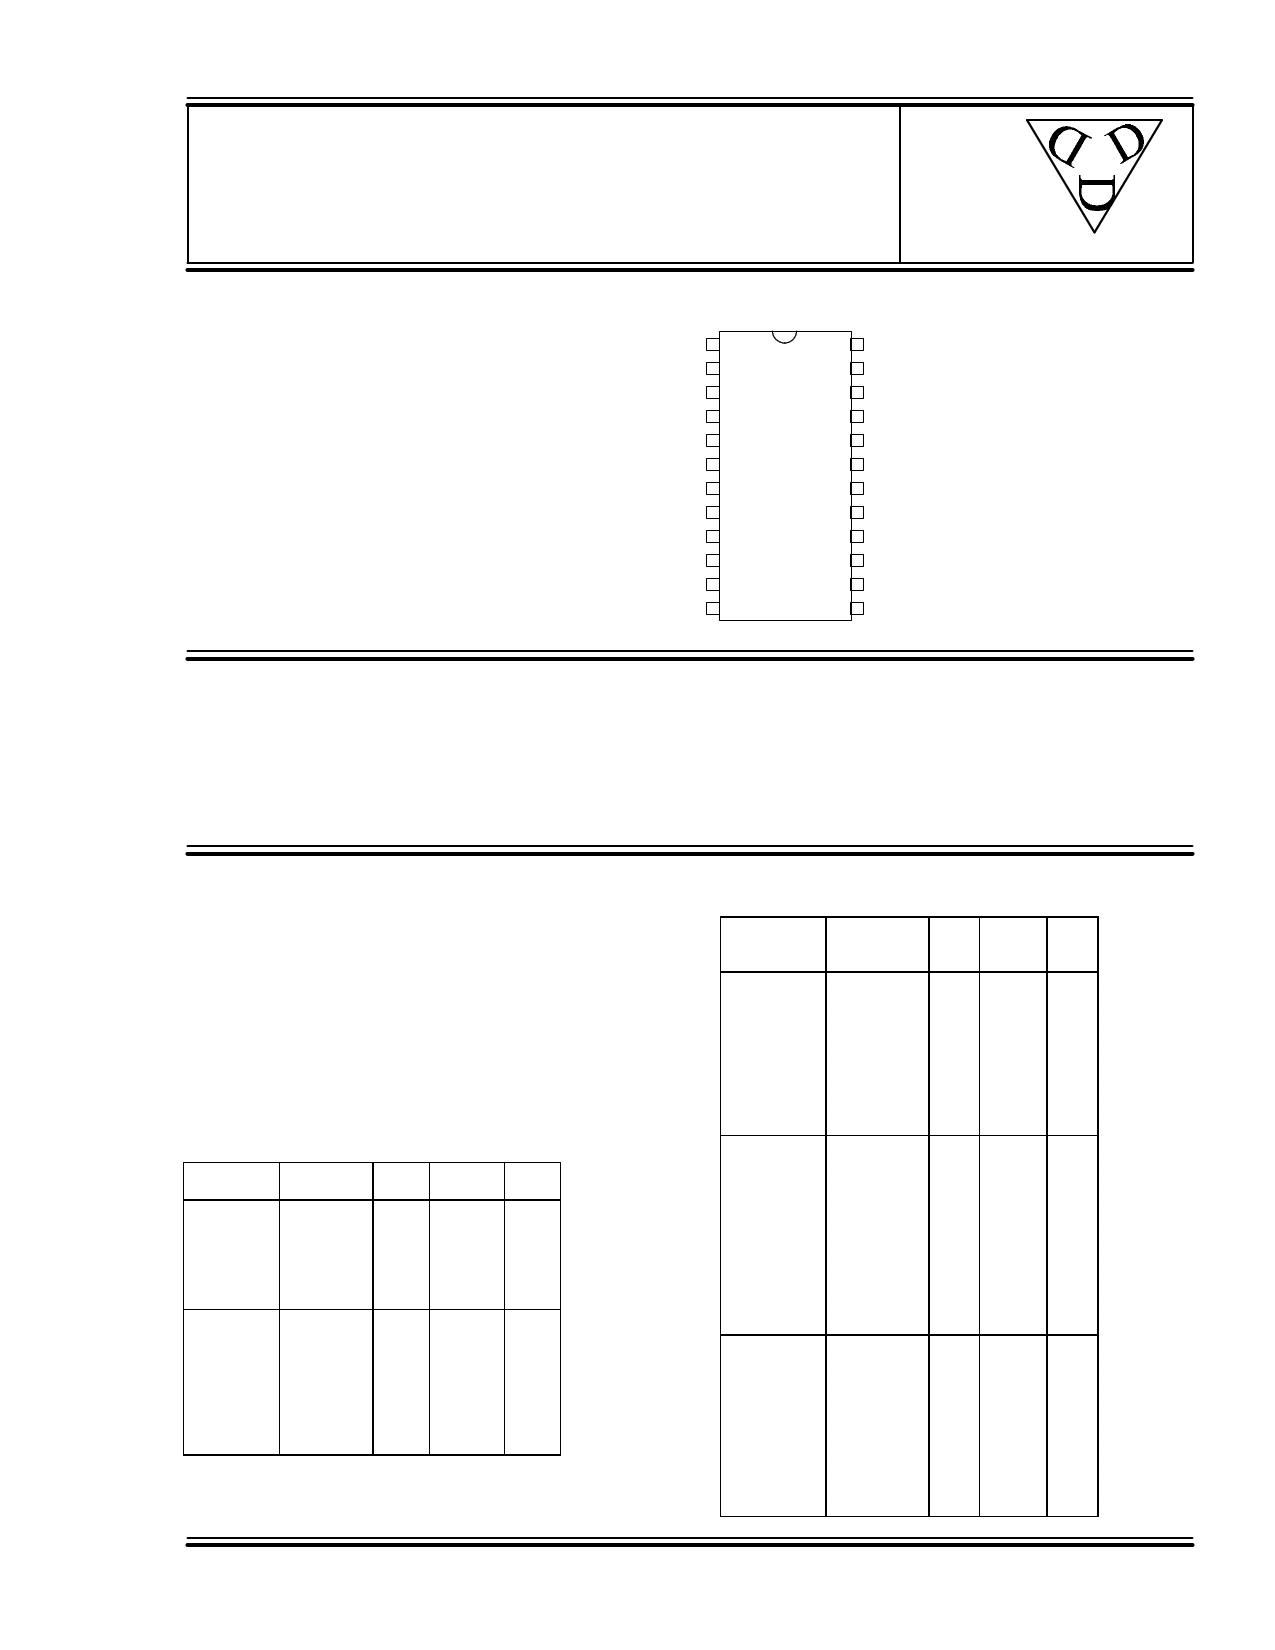 2211-1200G Datasheet, 2211-1200G PDF,ピン配置, 機能